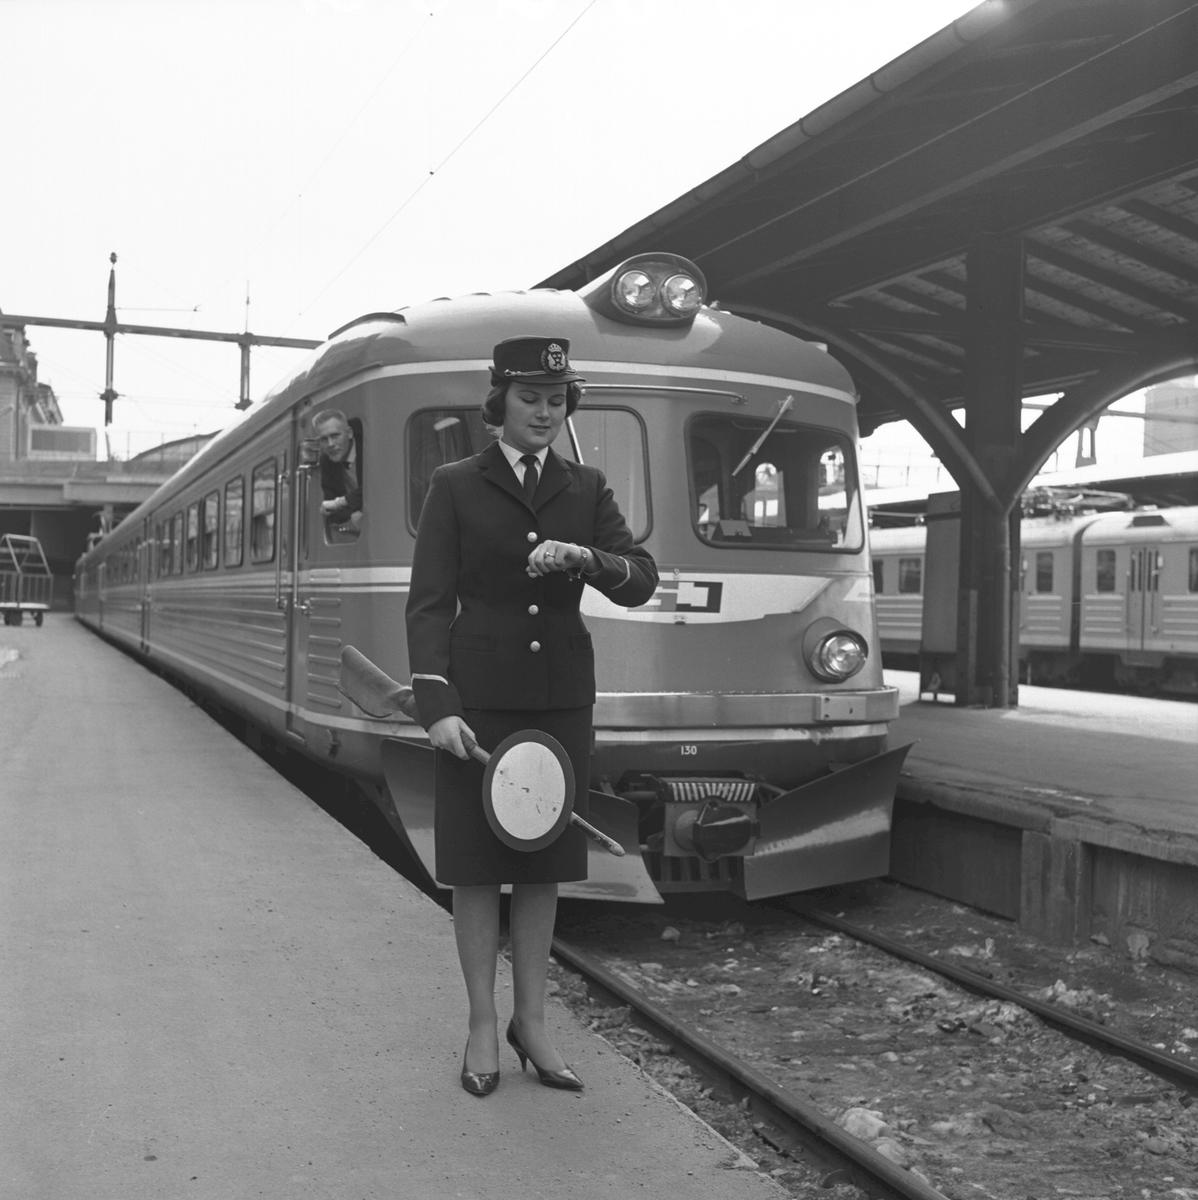 Tågklarerare. Statens Järnvägar, SJ Yoa2 130.